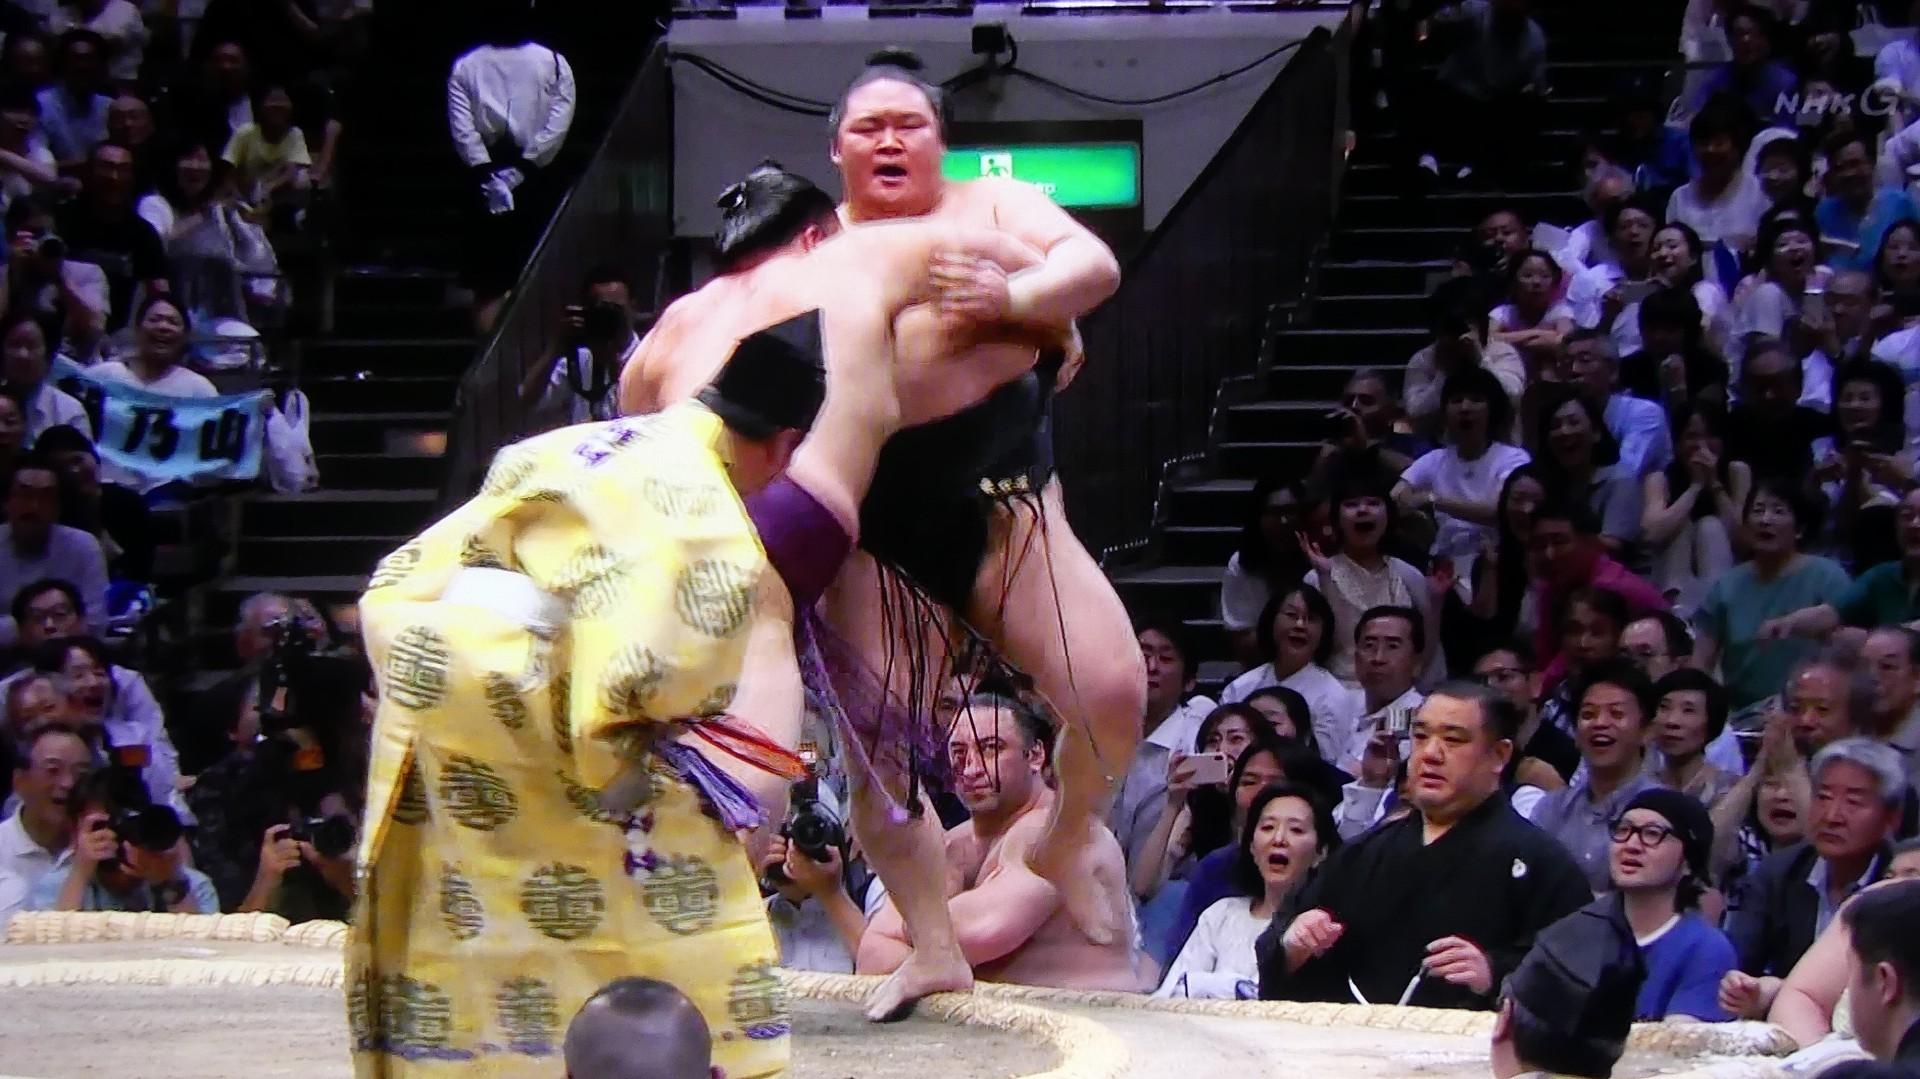 令和最初の大相撲は 朝乃山 が優勝!_a0185081_19523256.jpg